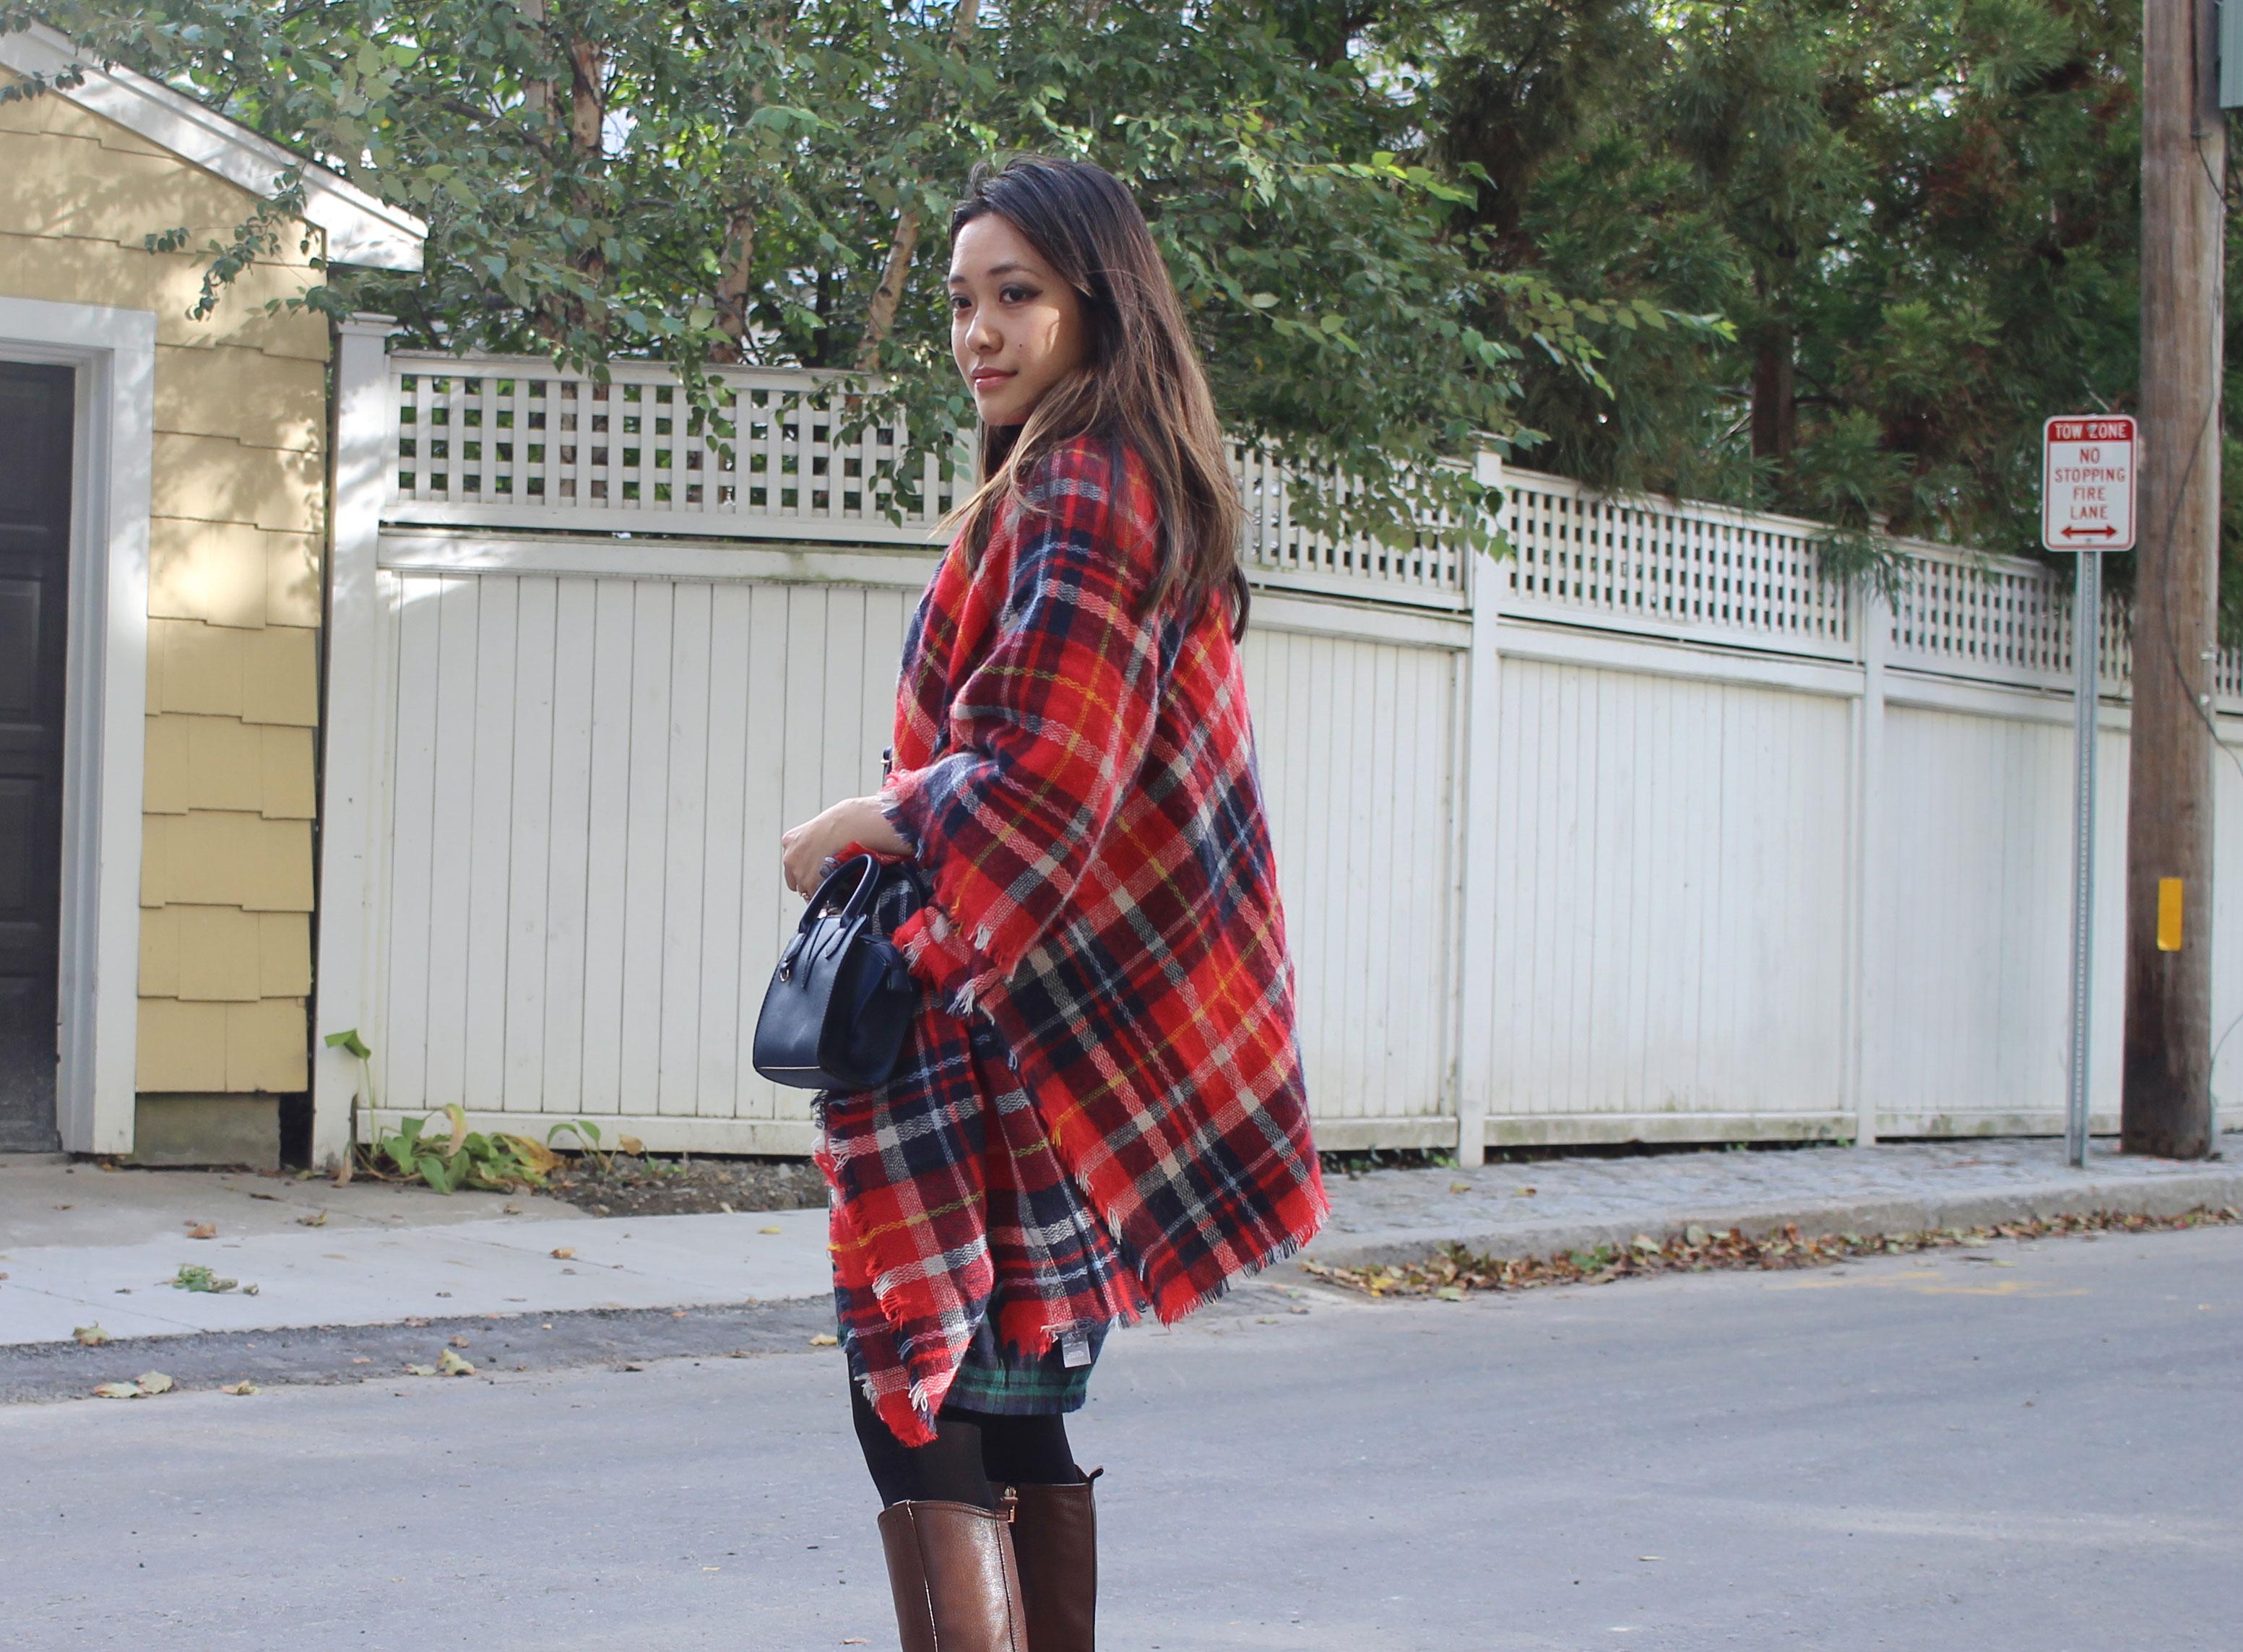 Red plaid scarf worn as shawl